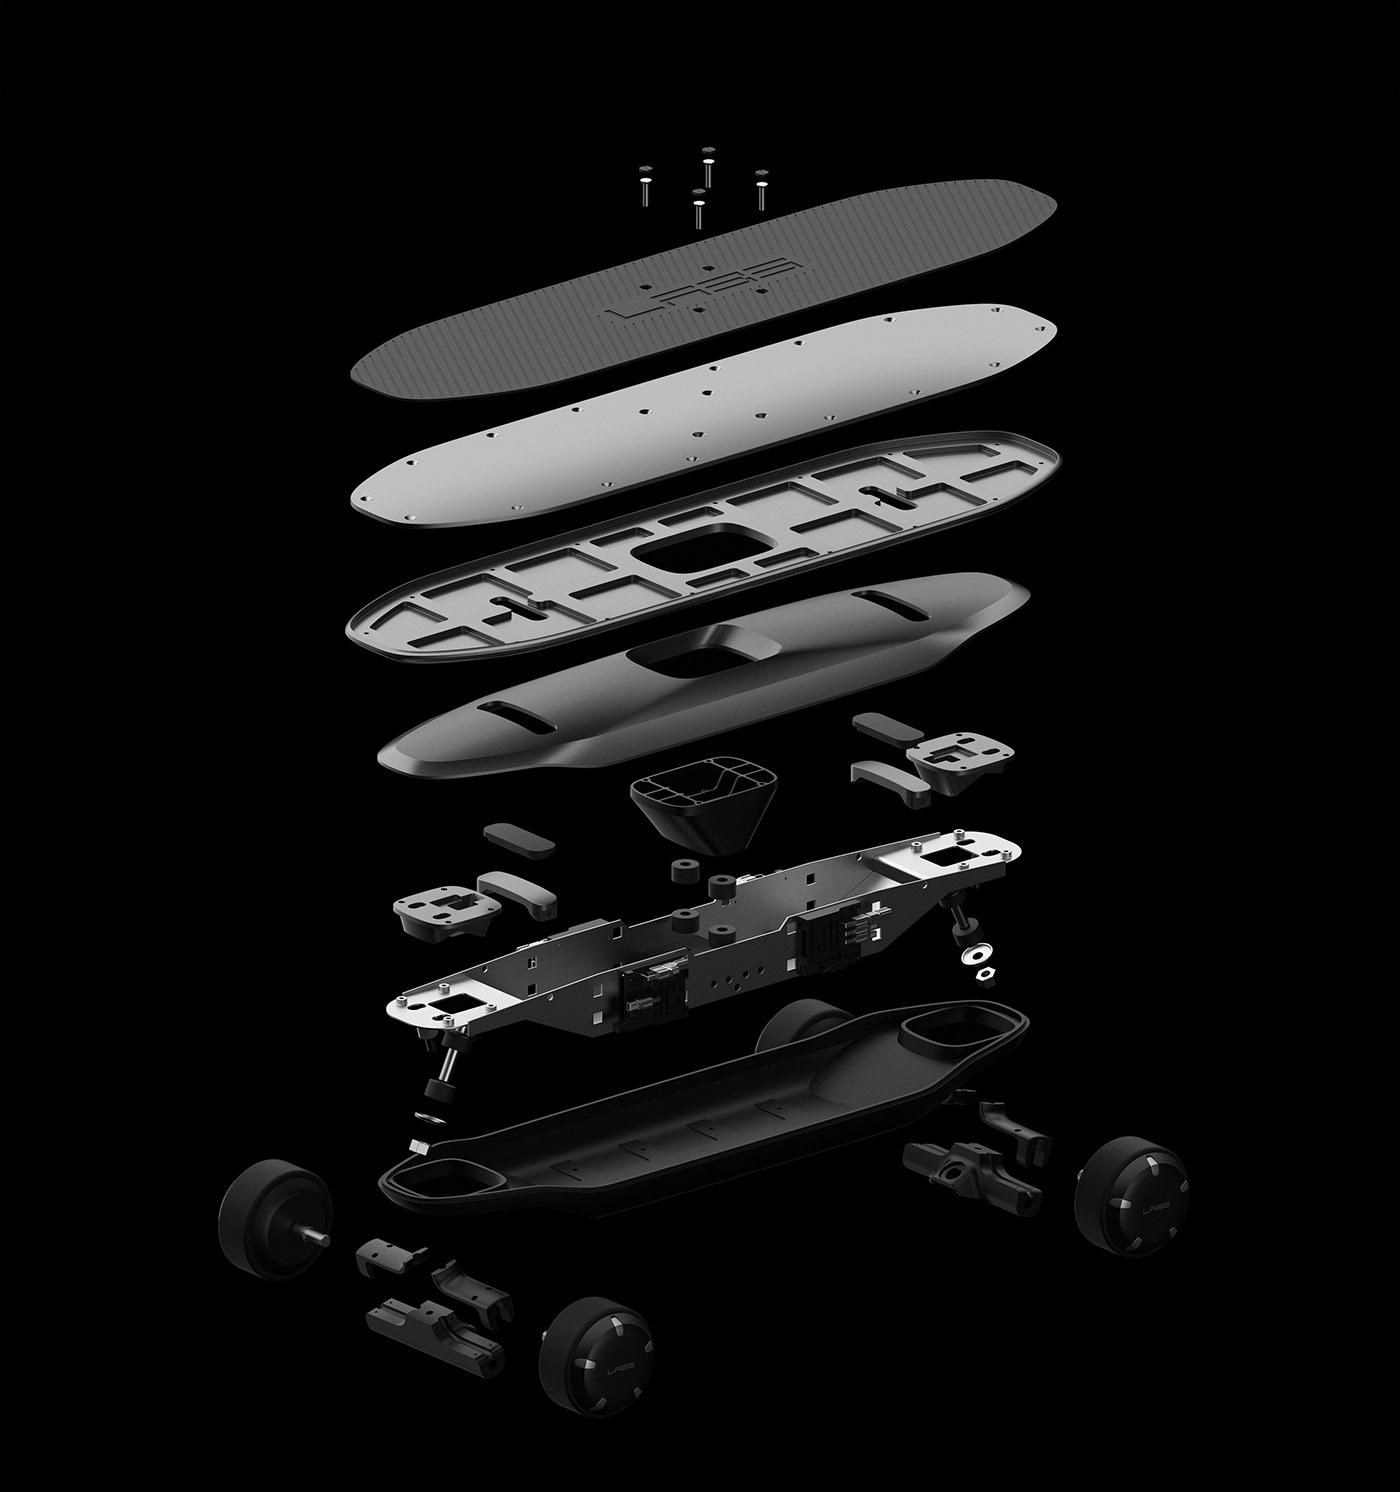 제품디자인회사 VLND의 디자인 디렉터 김승우가 디자인한 전동 스케이트보드의 구조.